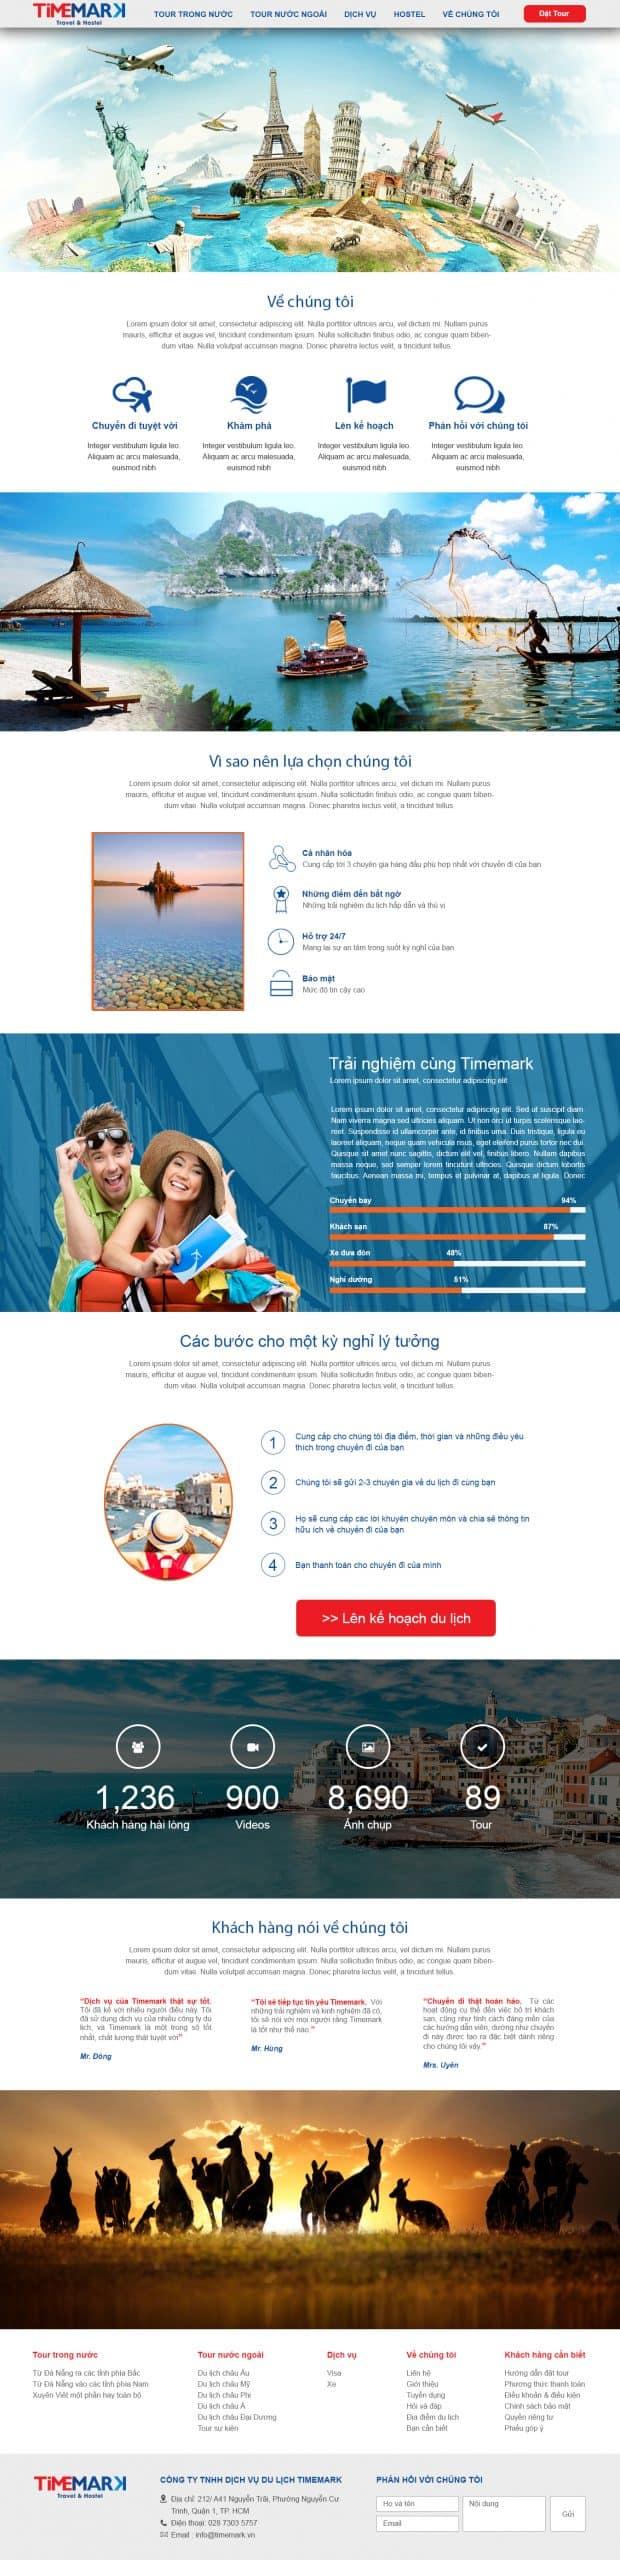 Thiết kế website Thiết kế website du lịch timemark